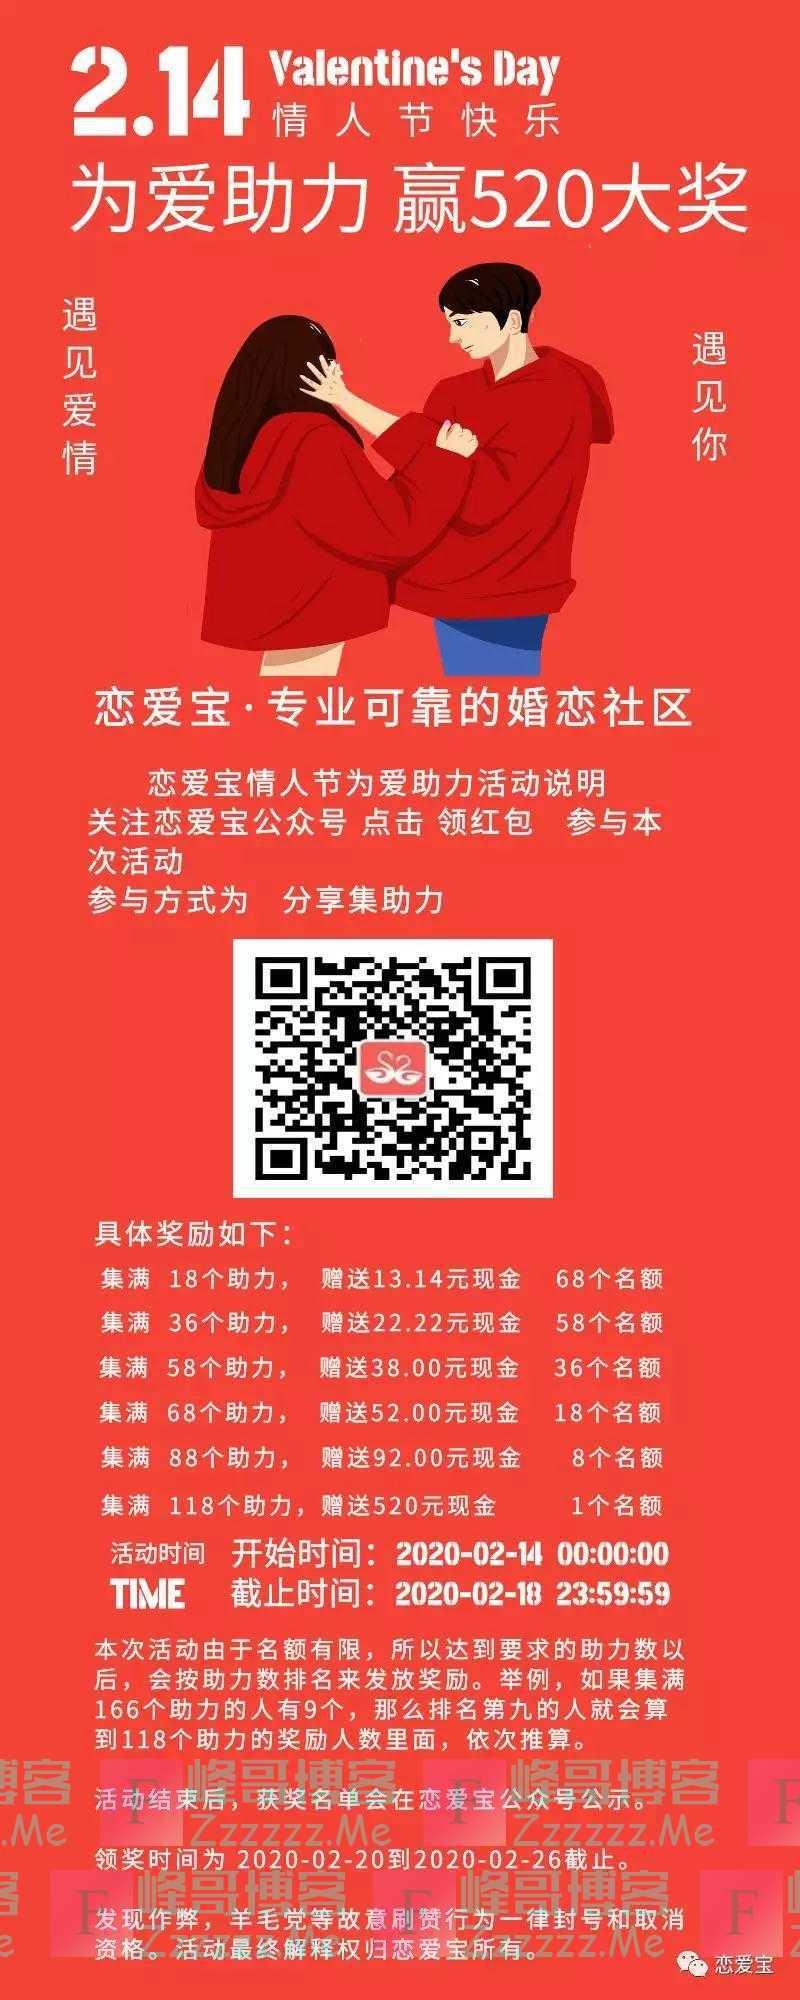 恋爱宝为爱助力 最高送520现金红包(截止2月18日)